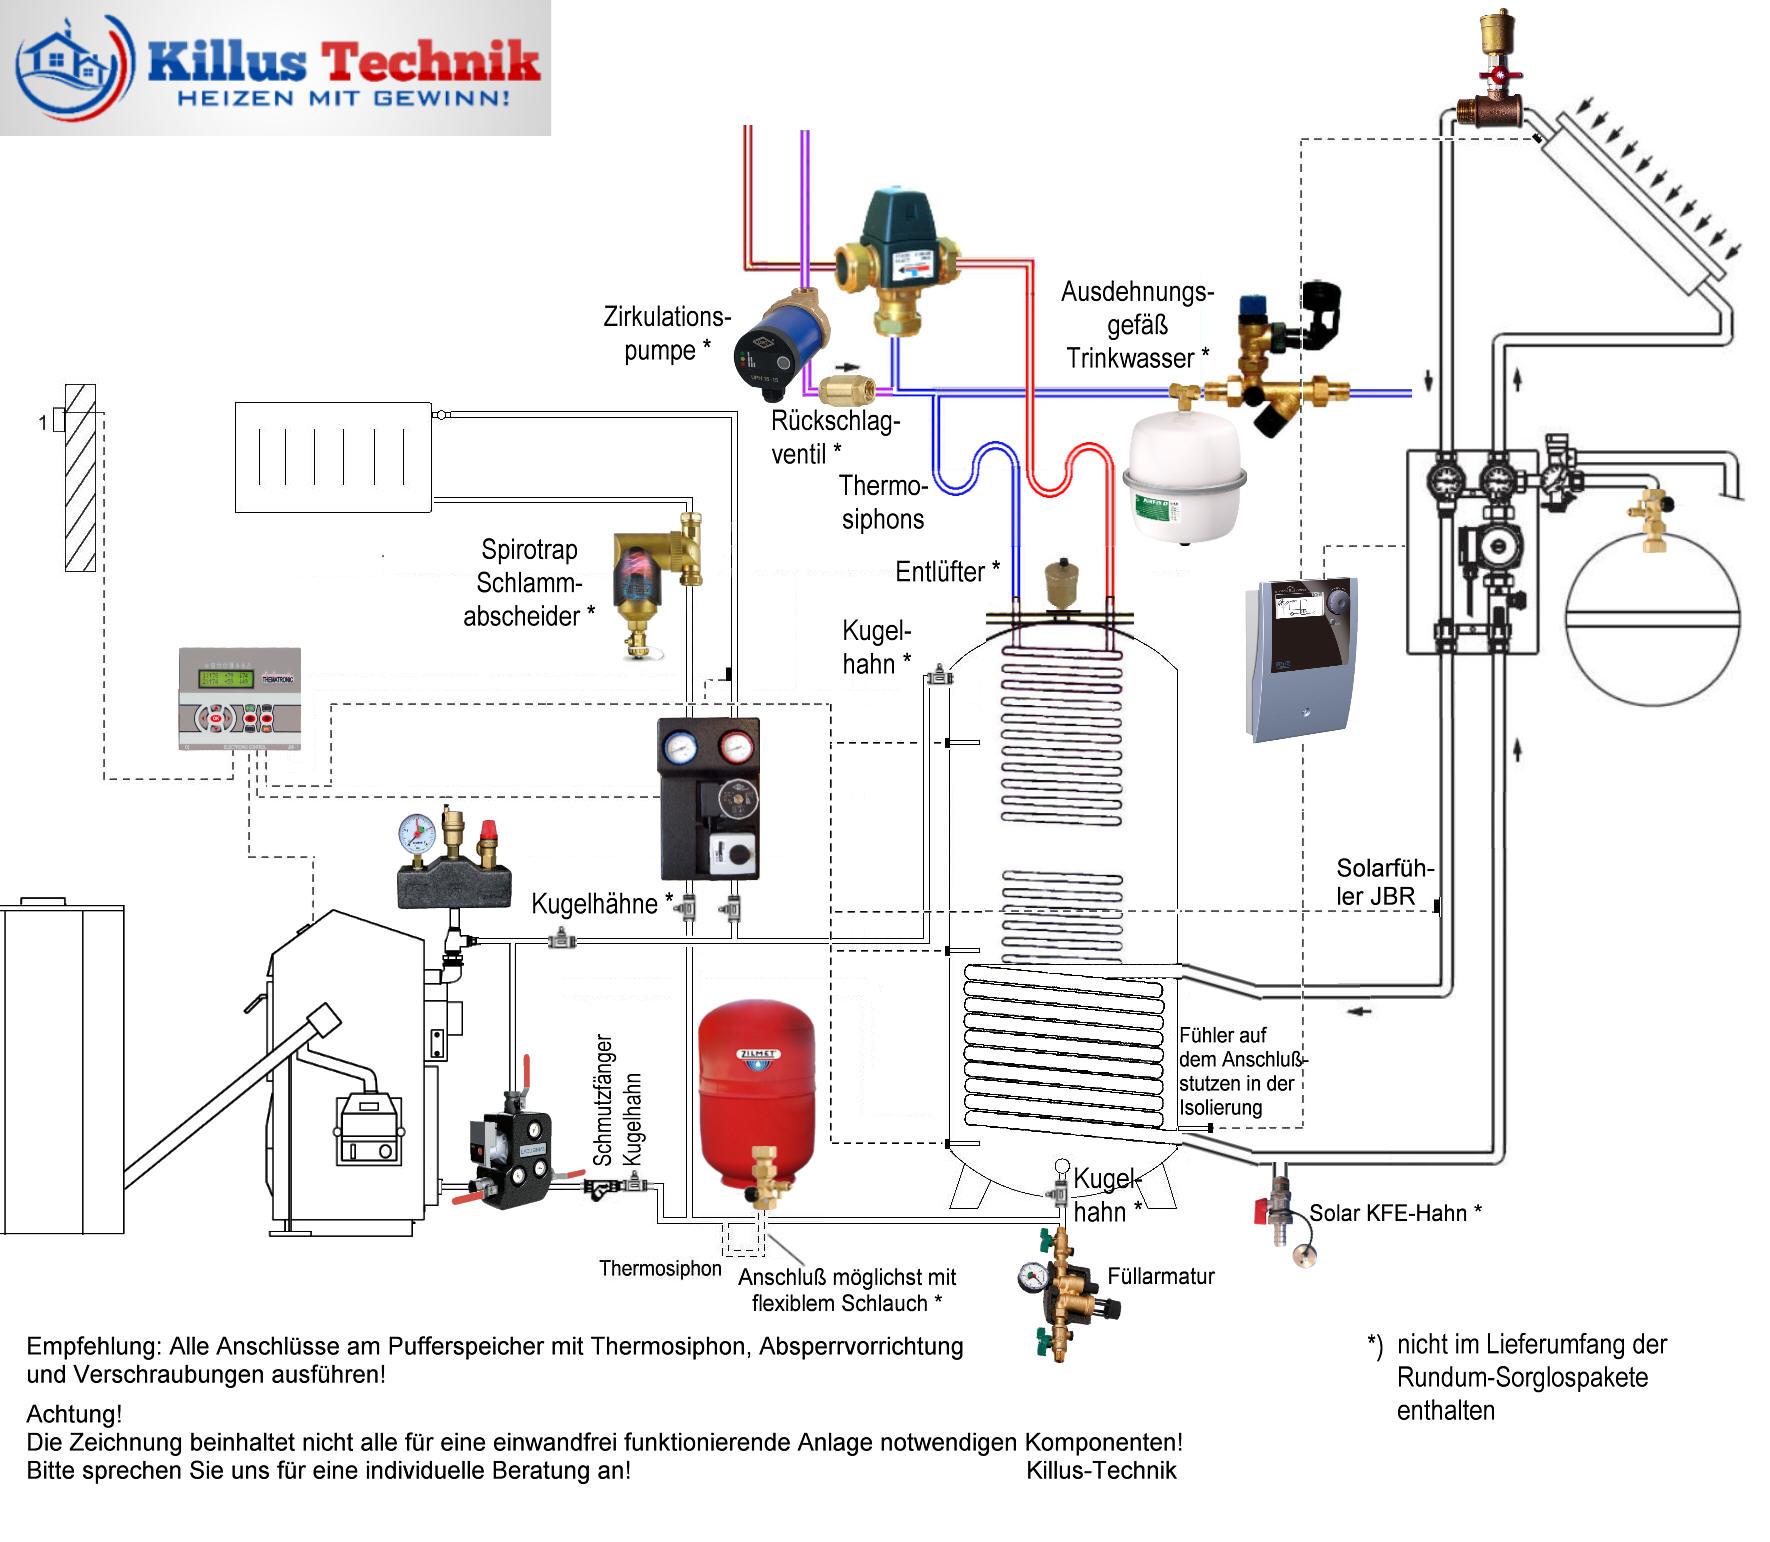 ATMOS Pelletheizung mit TWL Hygienespeicher und JBR Reglung und Vakuum-Röhrenkollektoren Solaranlage Killus-Technik.de